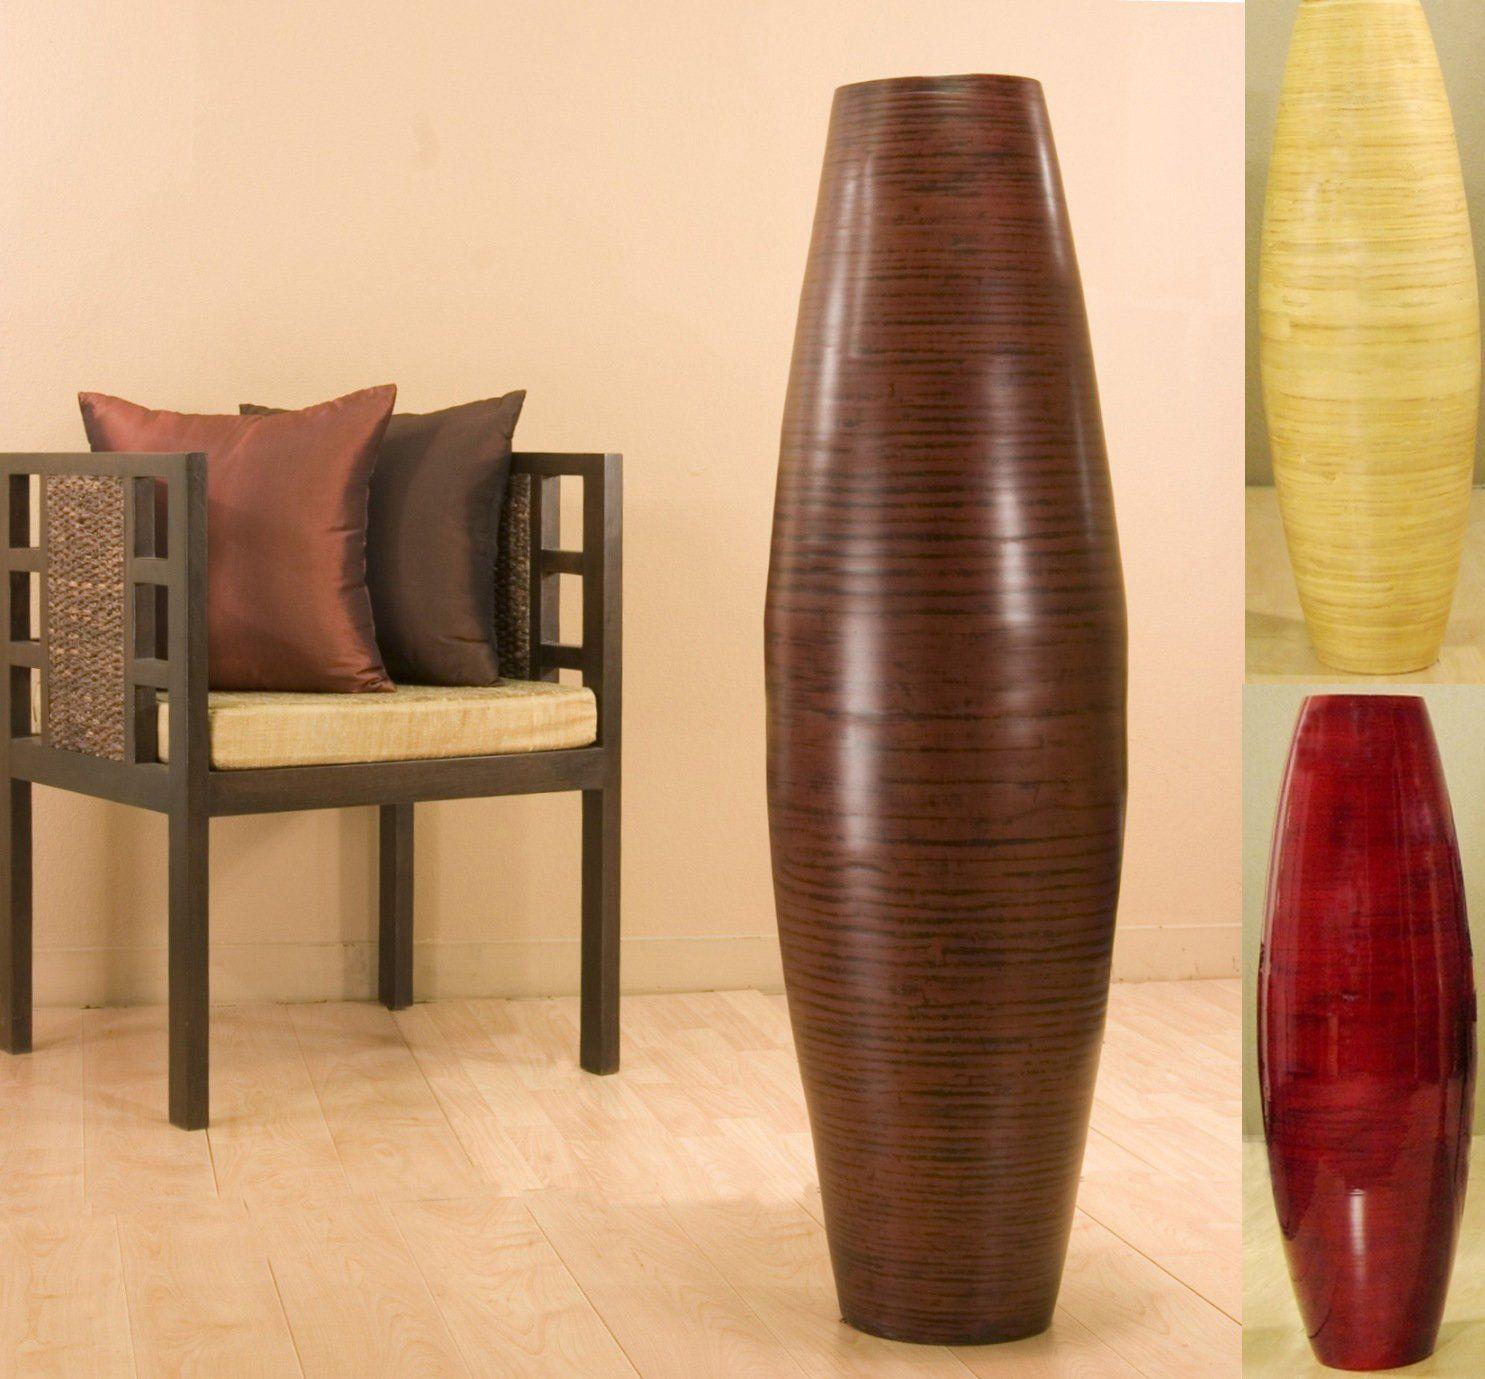 Design Large Vases 48 inch tall floor vase get pinterest vases vase